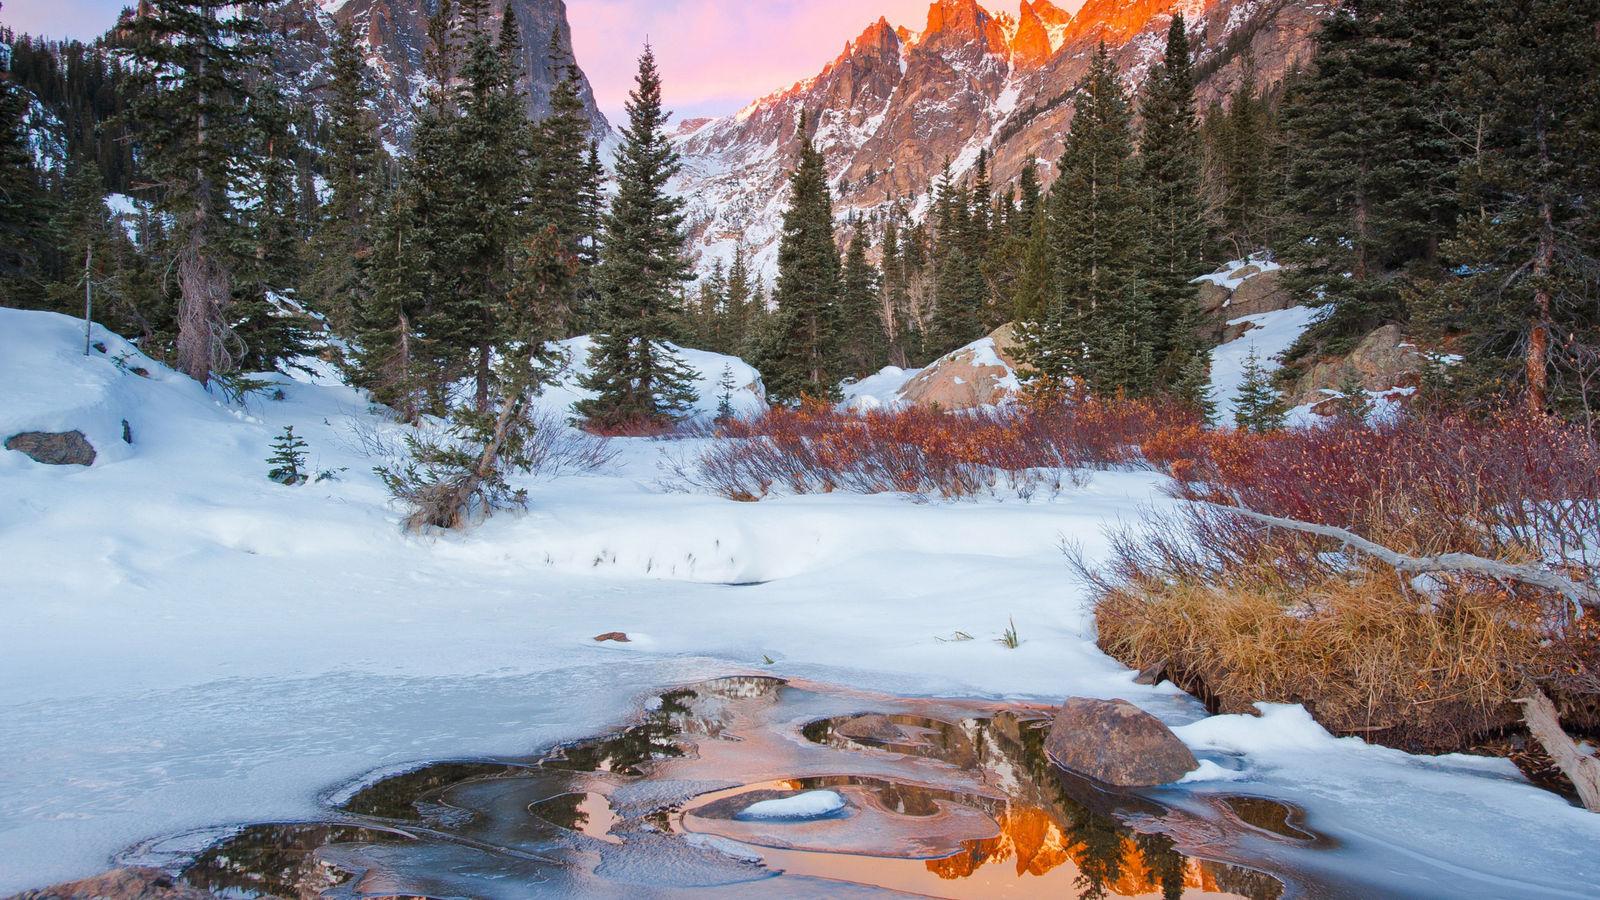 Картинки на рабочий стол зимы красивые (16)